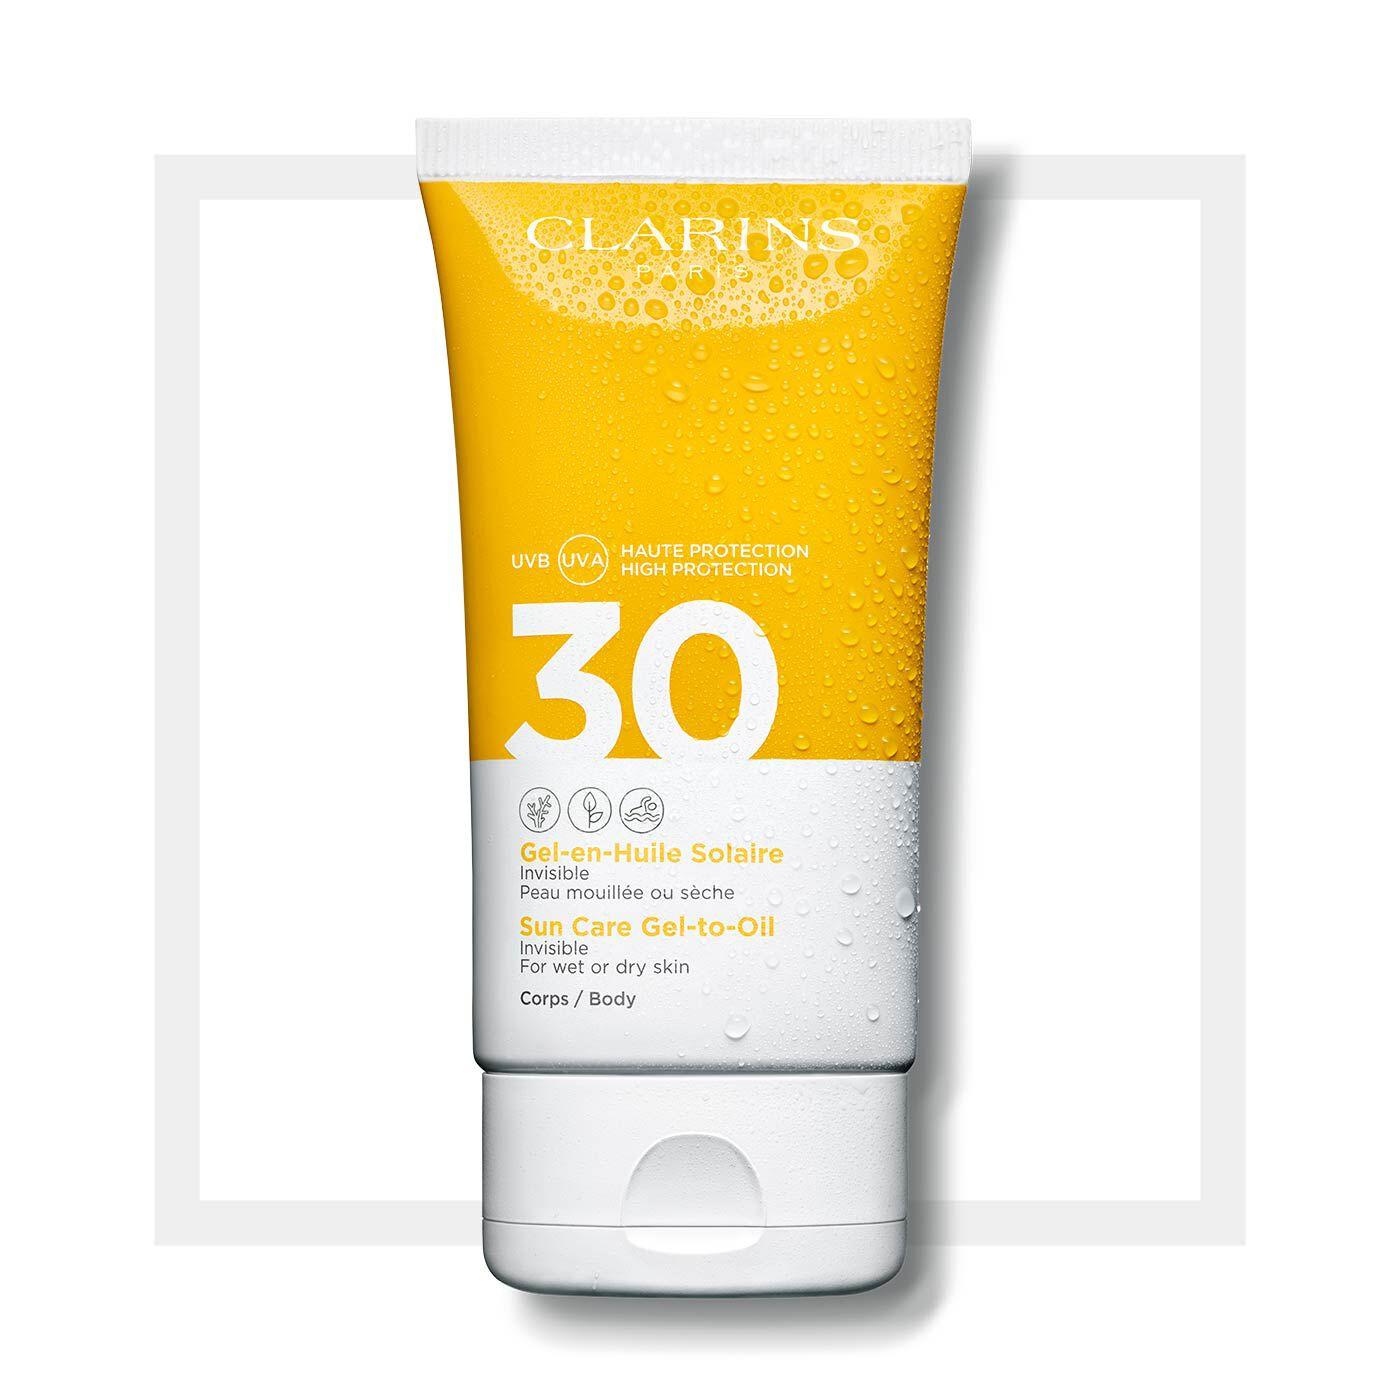 身體防曬啫喱SPF30